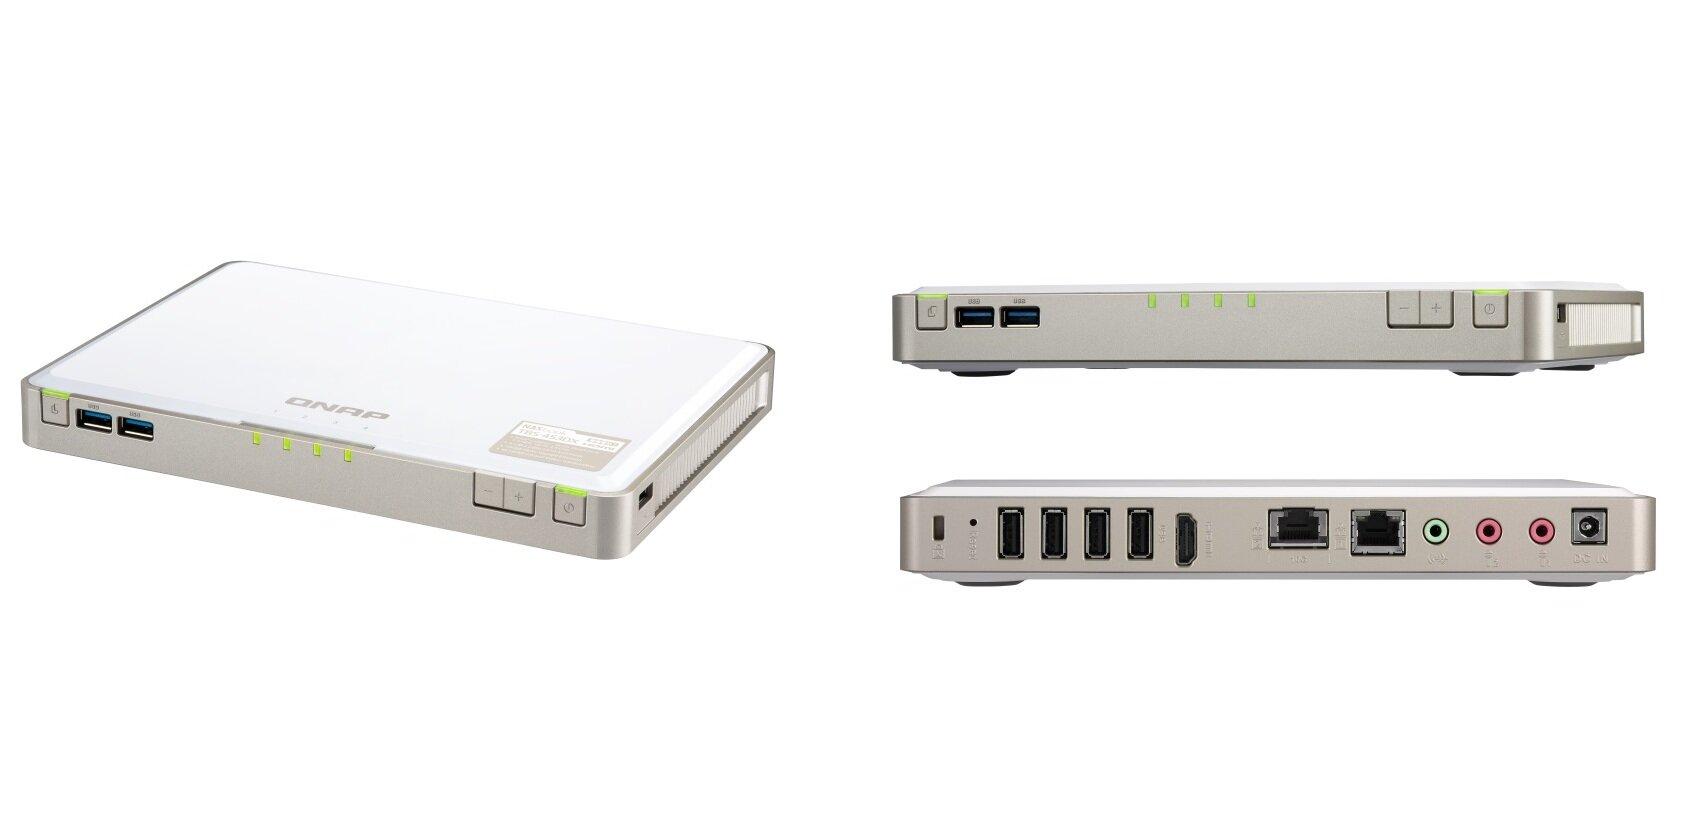 QNAP TBS-453DX : un nouveau NASBook compact avec 10 GbE et M.2... S-ATA seulement